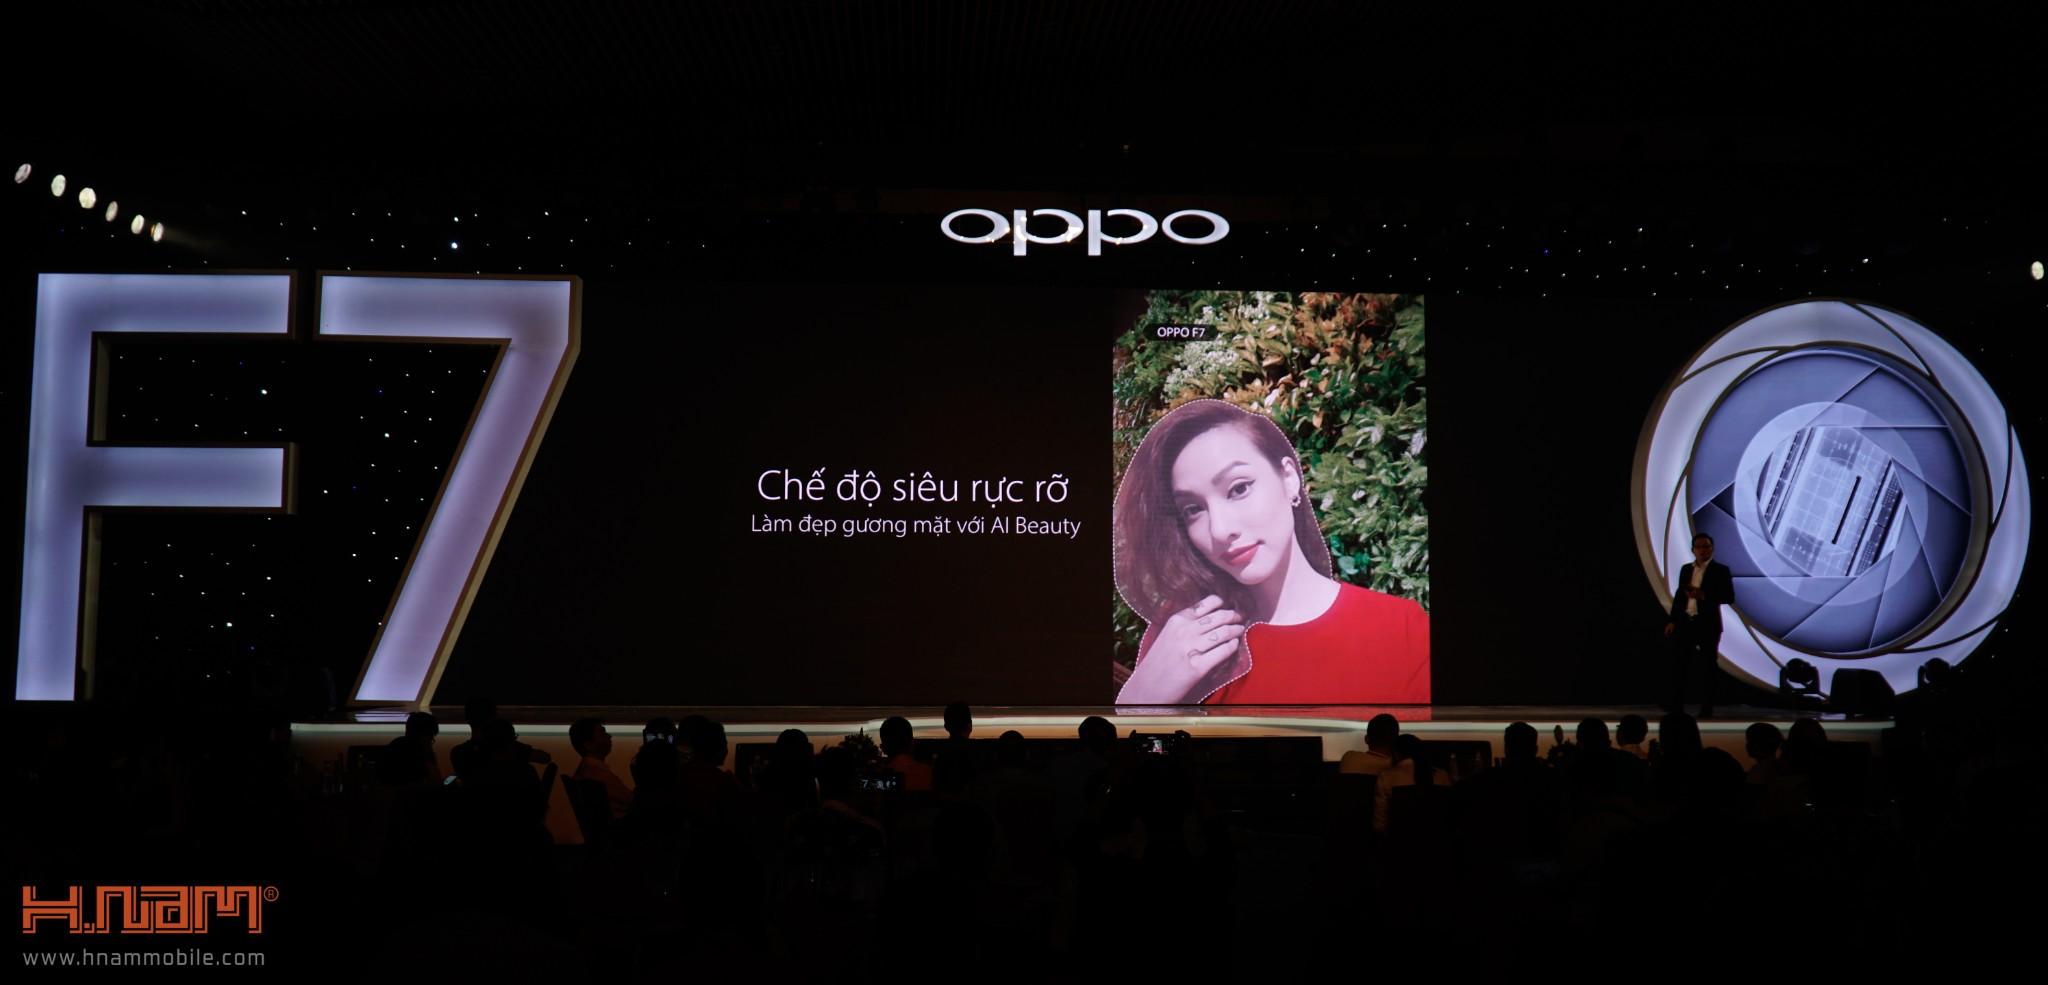 Oppo chính thức ra mắt Oppo F7 tai Việt Nam với giá bán cực kỳ hấp dẫn hình 8